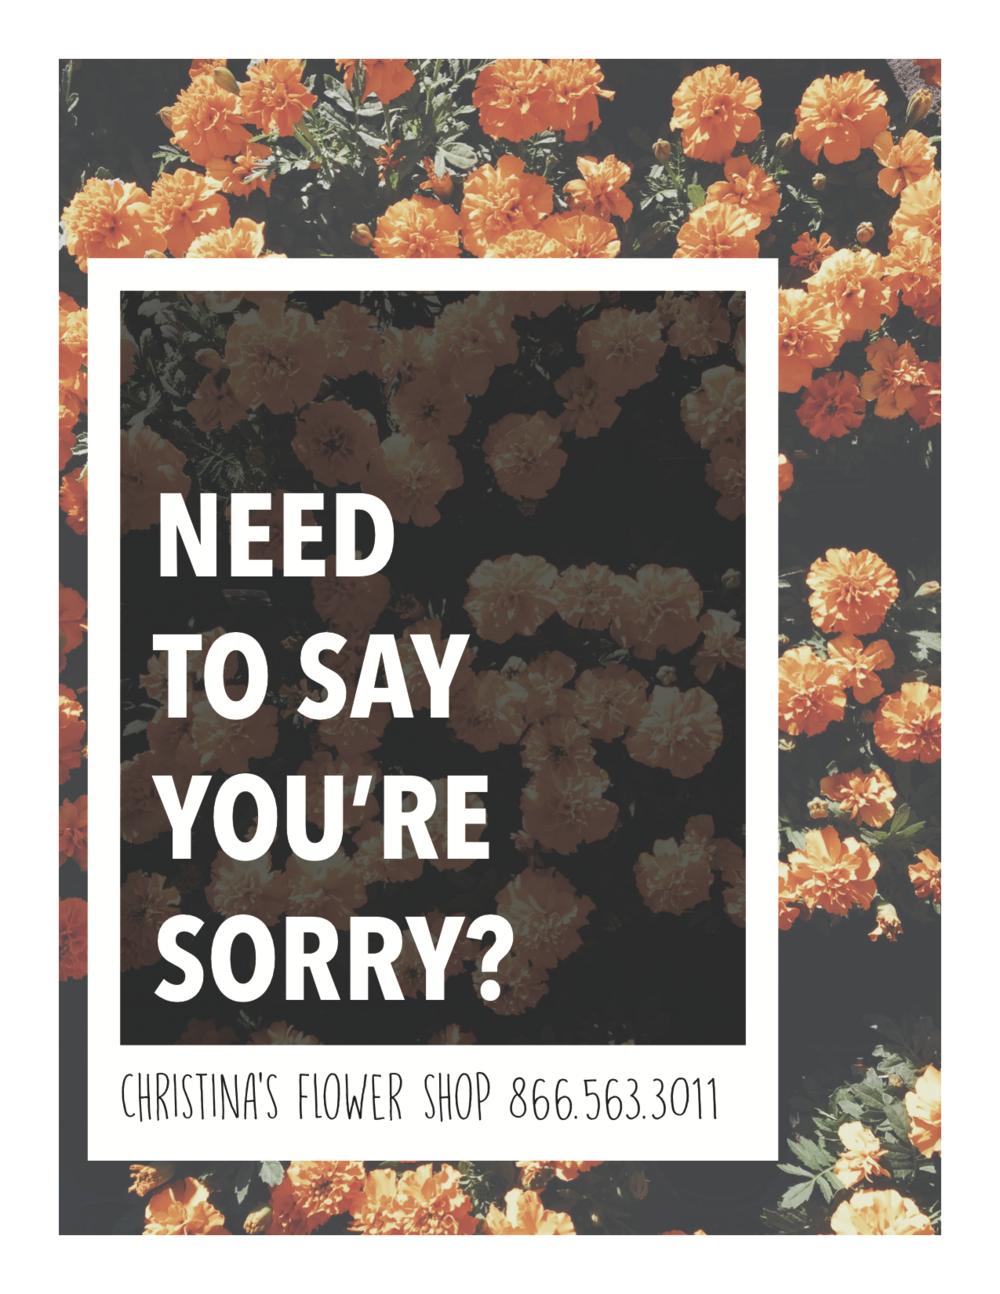 christinas flower shop.png